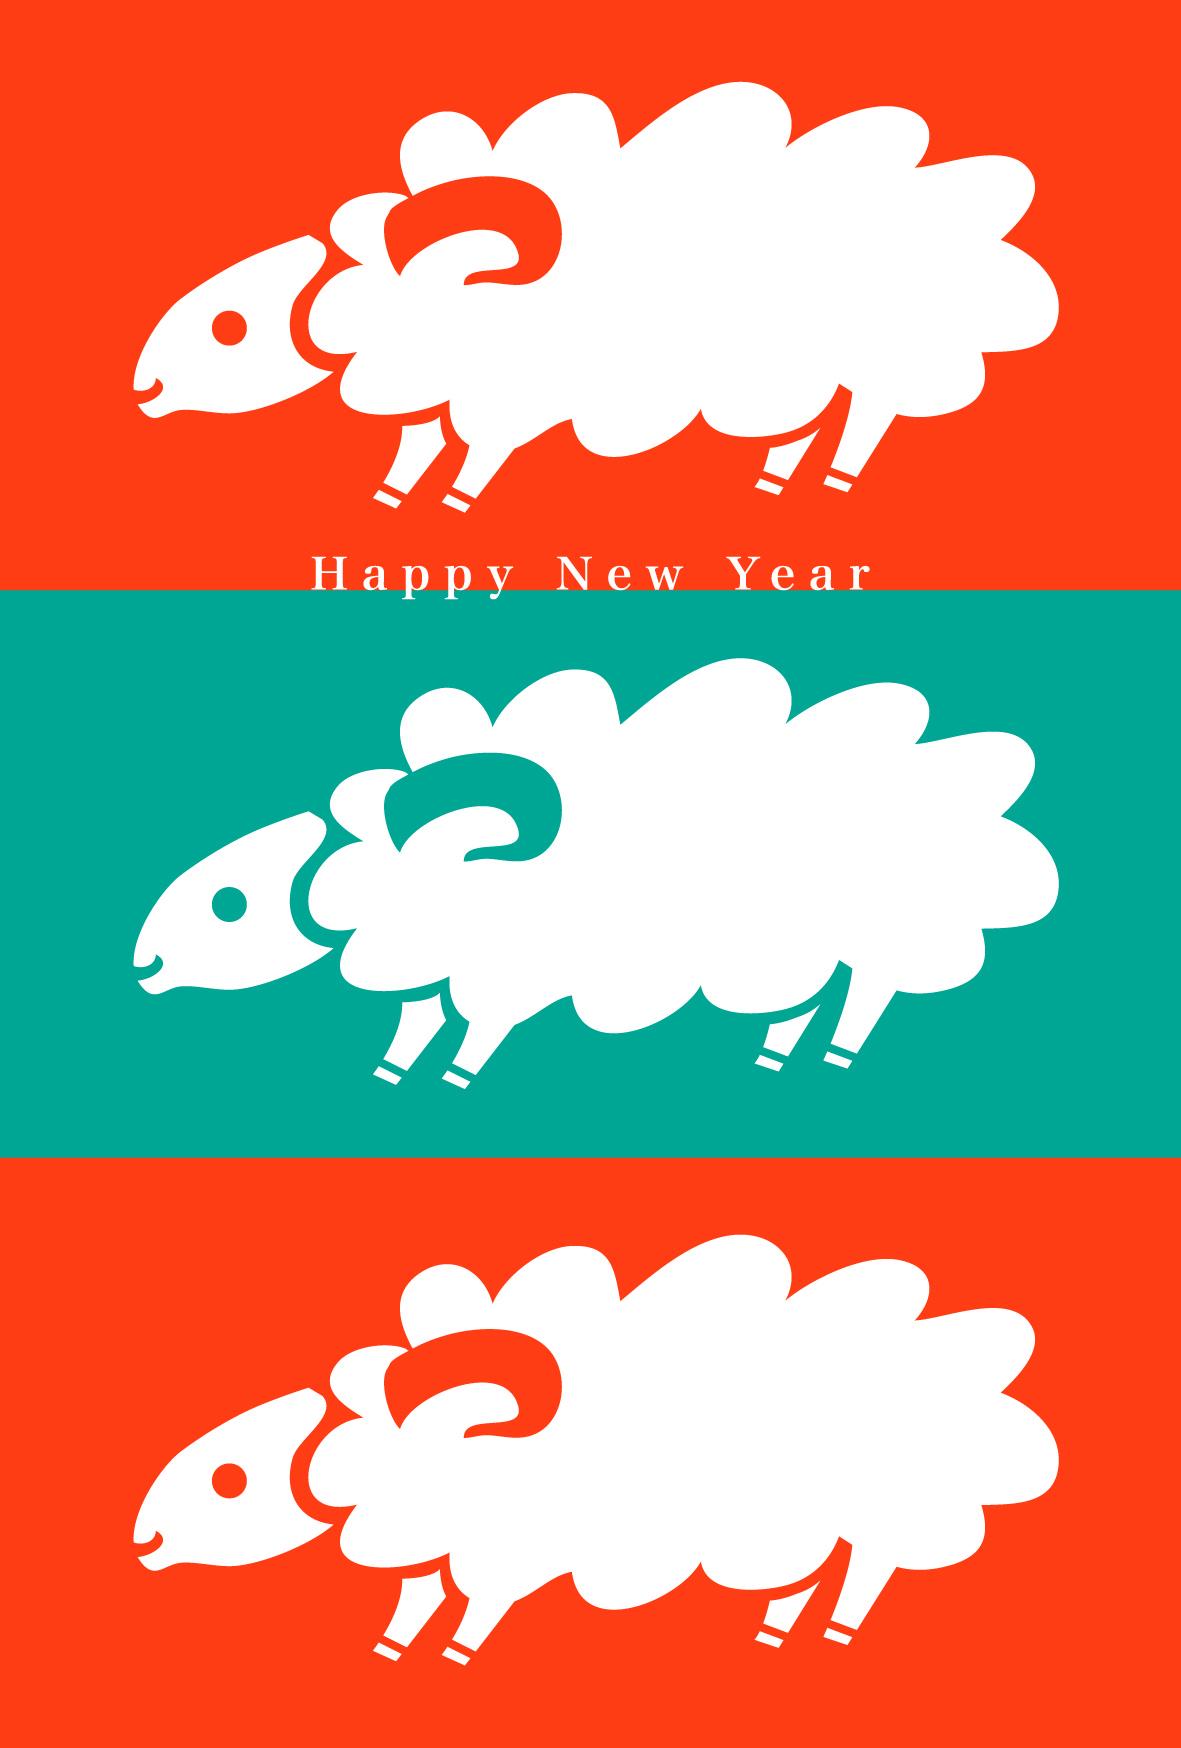 無料】羊のイラスト年賀状 ... : 羊 年賀 無料 : 無料